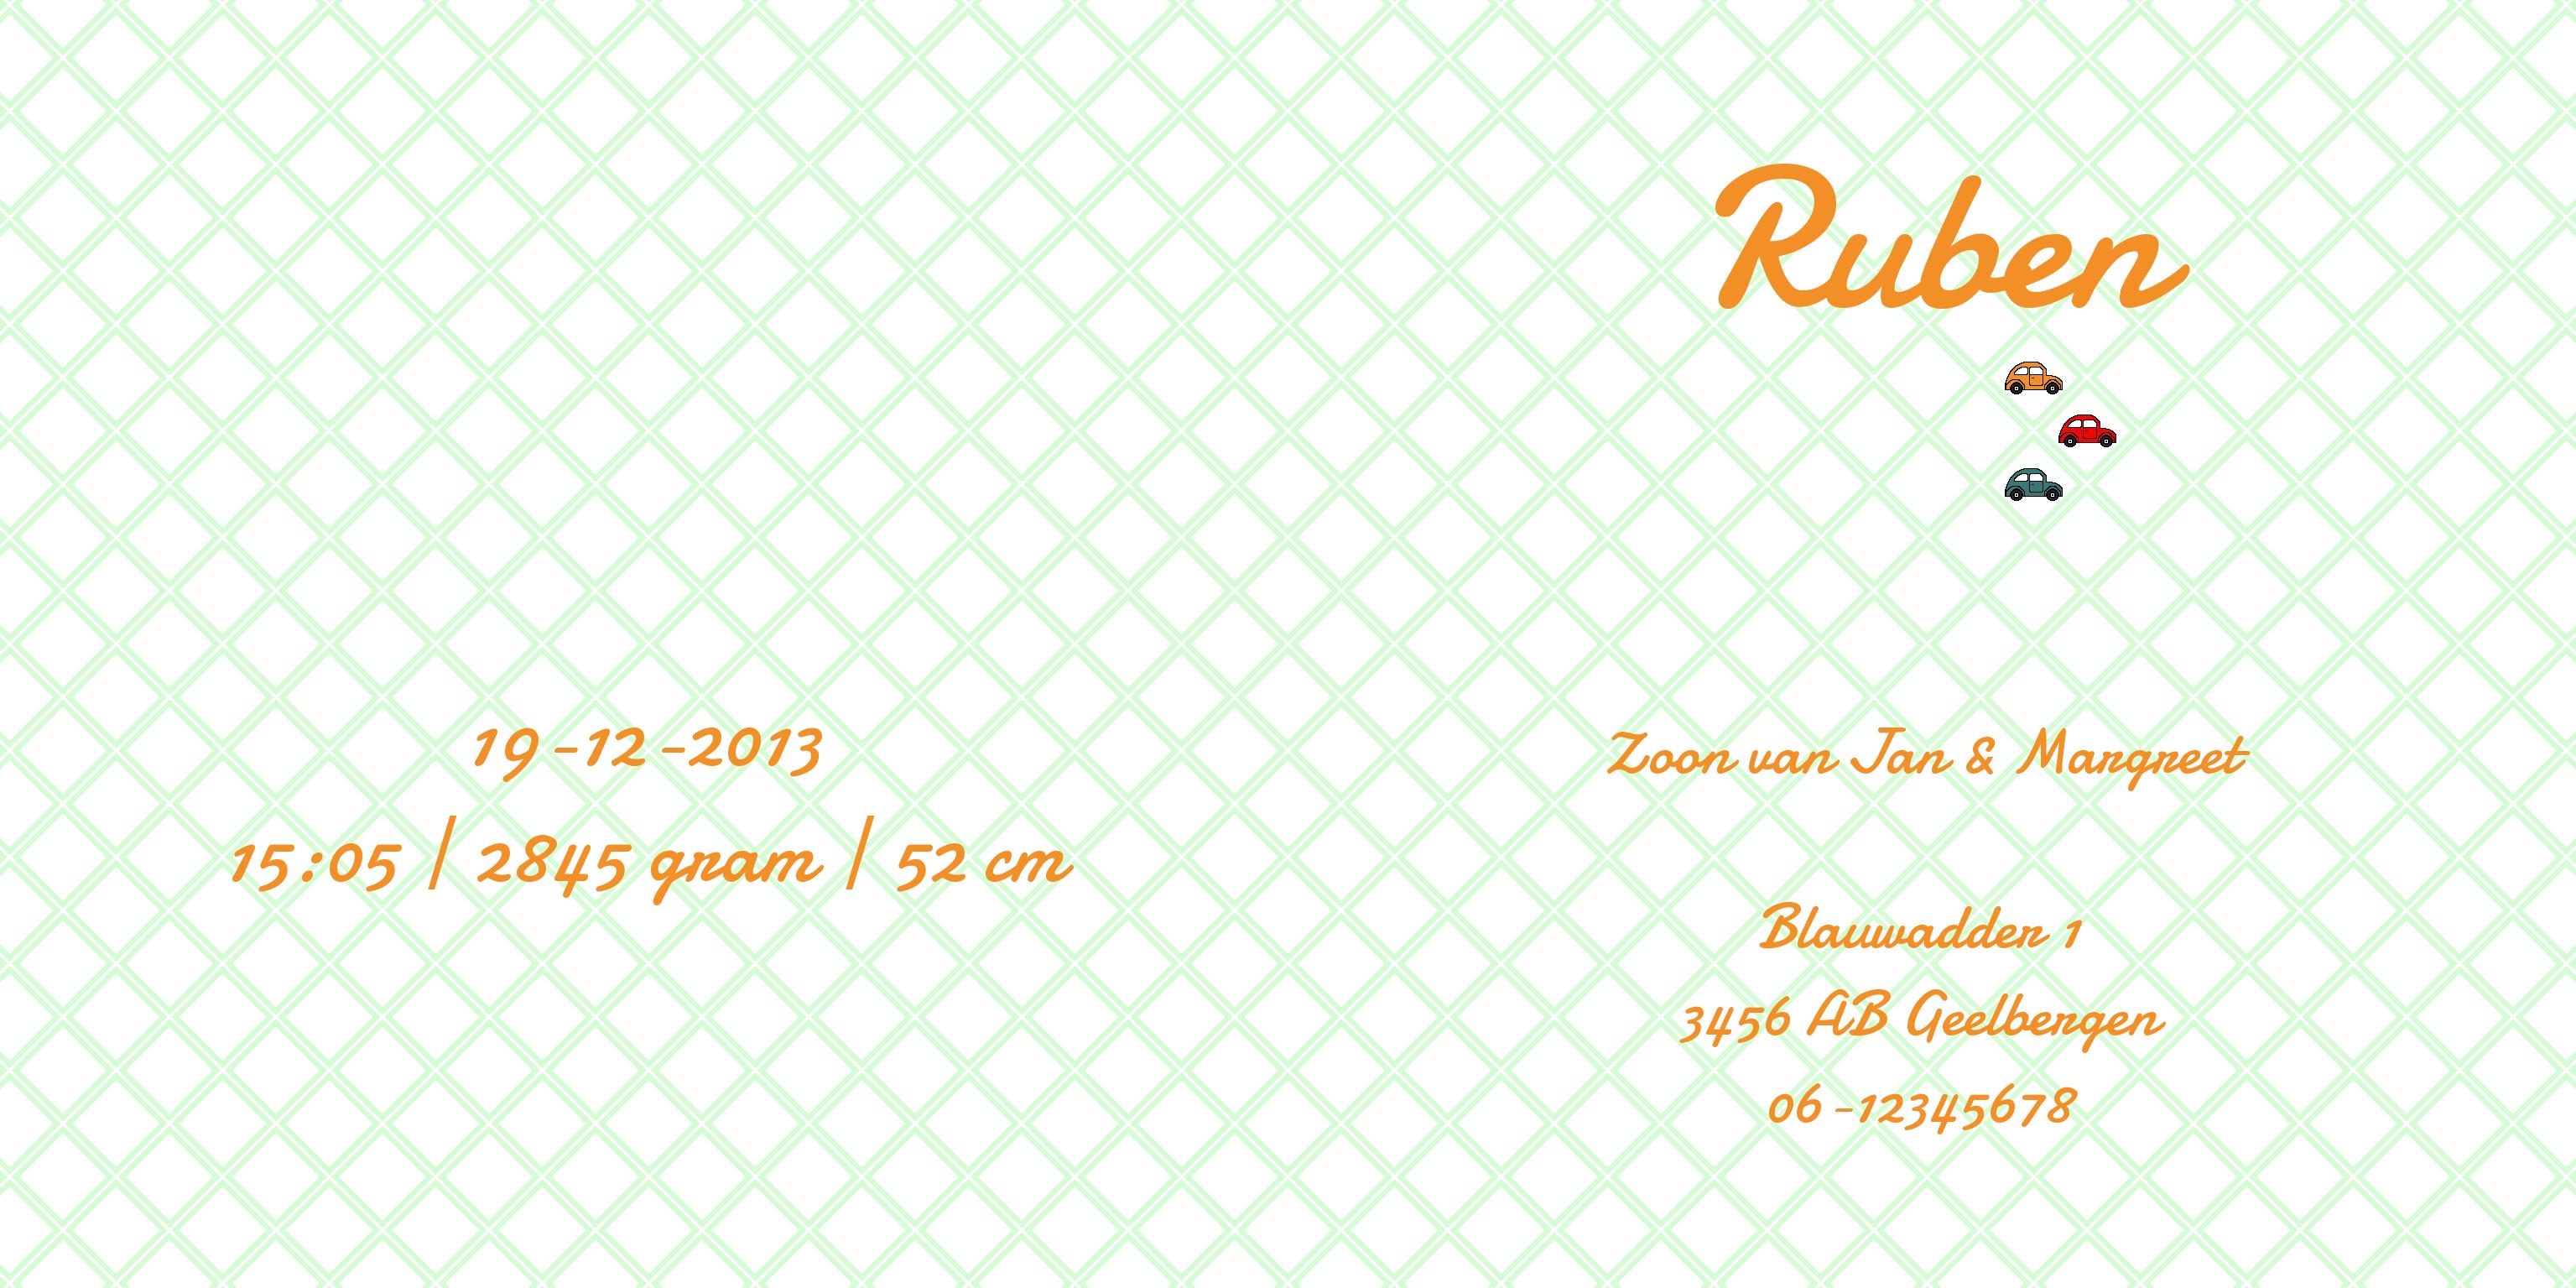 """De binnenkant van het hippe geboortekaartje """"Ruben"""" met een felgekleurd ruitjes patroon, random ingekleurd met gekleurde autootjes. De oranje tekst zorgt voor een bijzondere, klassiek aanvoelende, combinatie. De kleur van het patroon en de tekst kunnen kosteloos worden aangepast. www.kleurindruk.nl"""